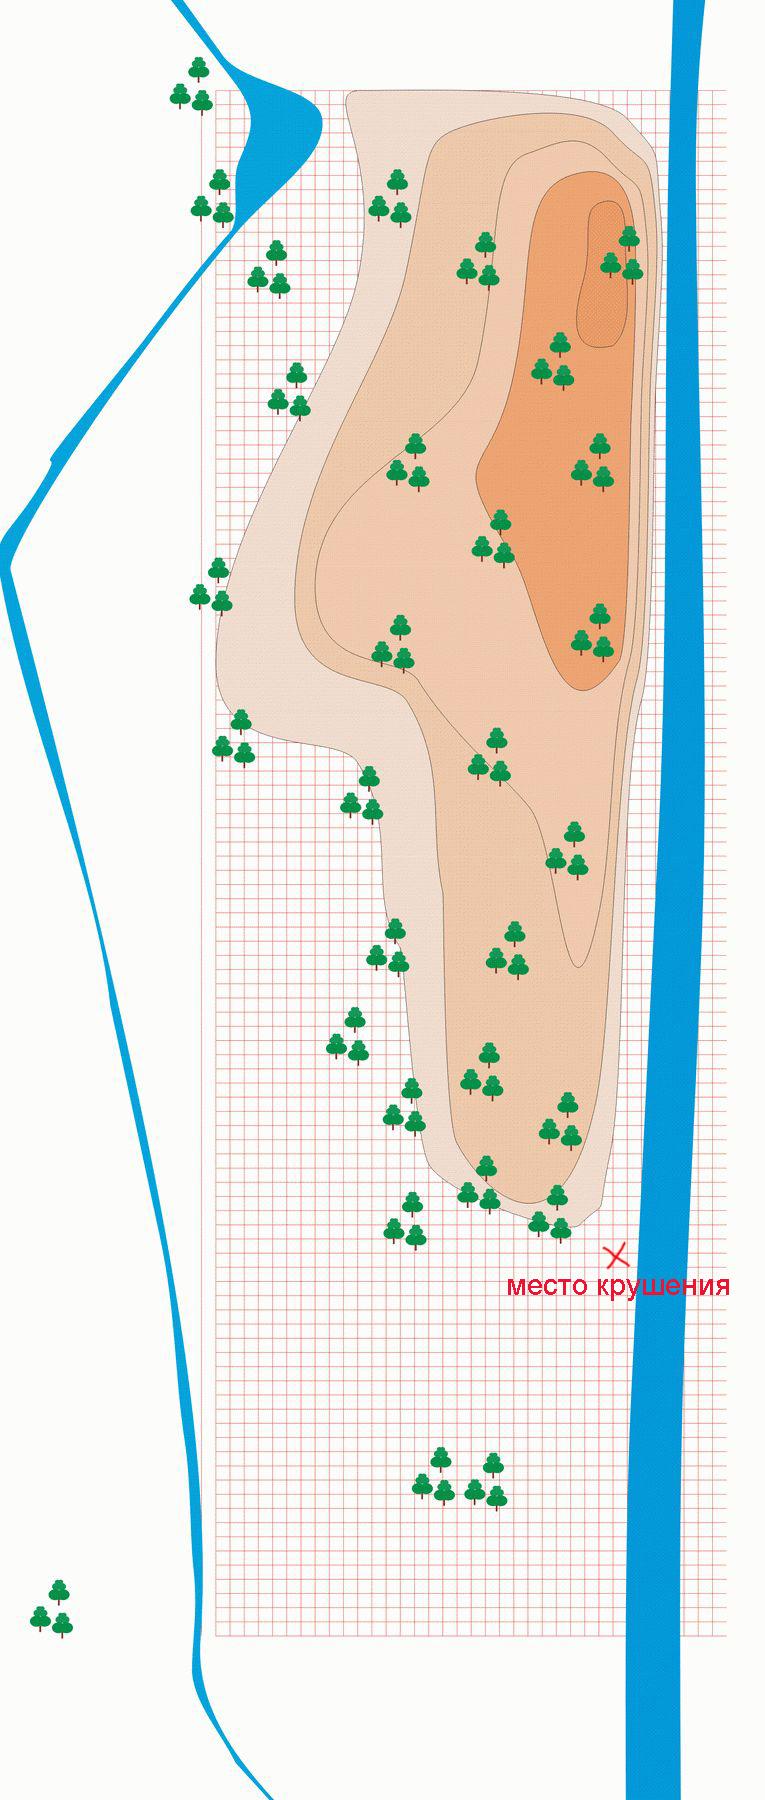 Синяя трава скачать fb2 бесплатно